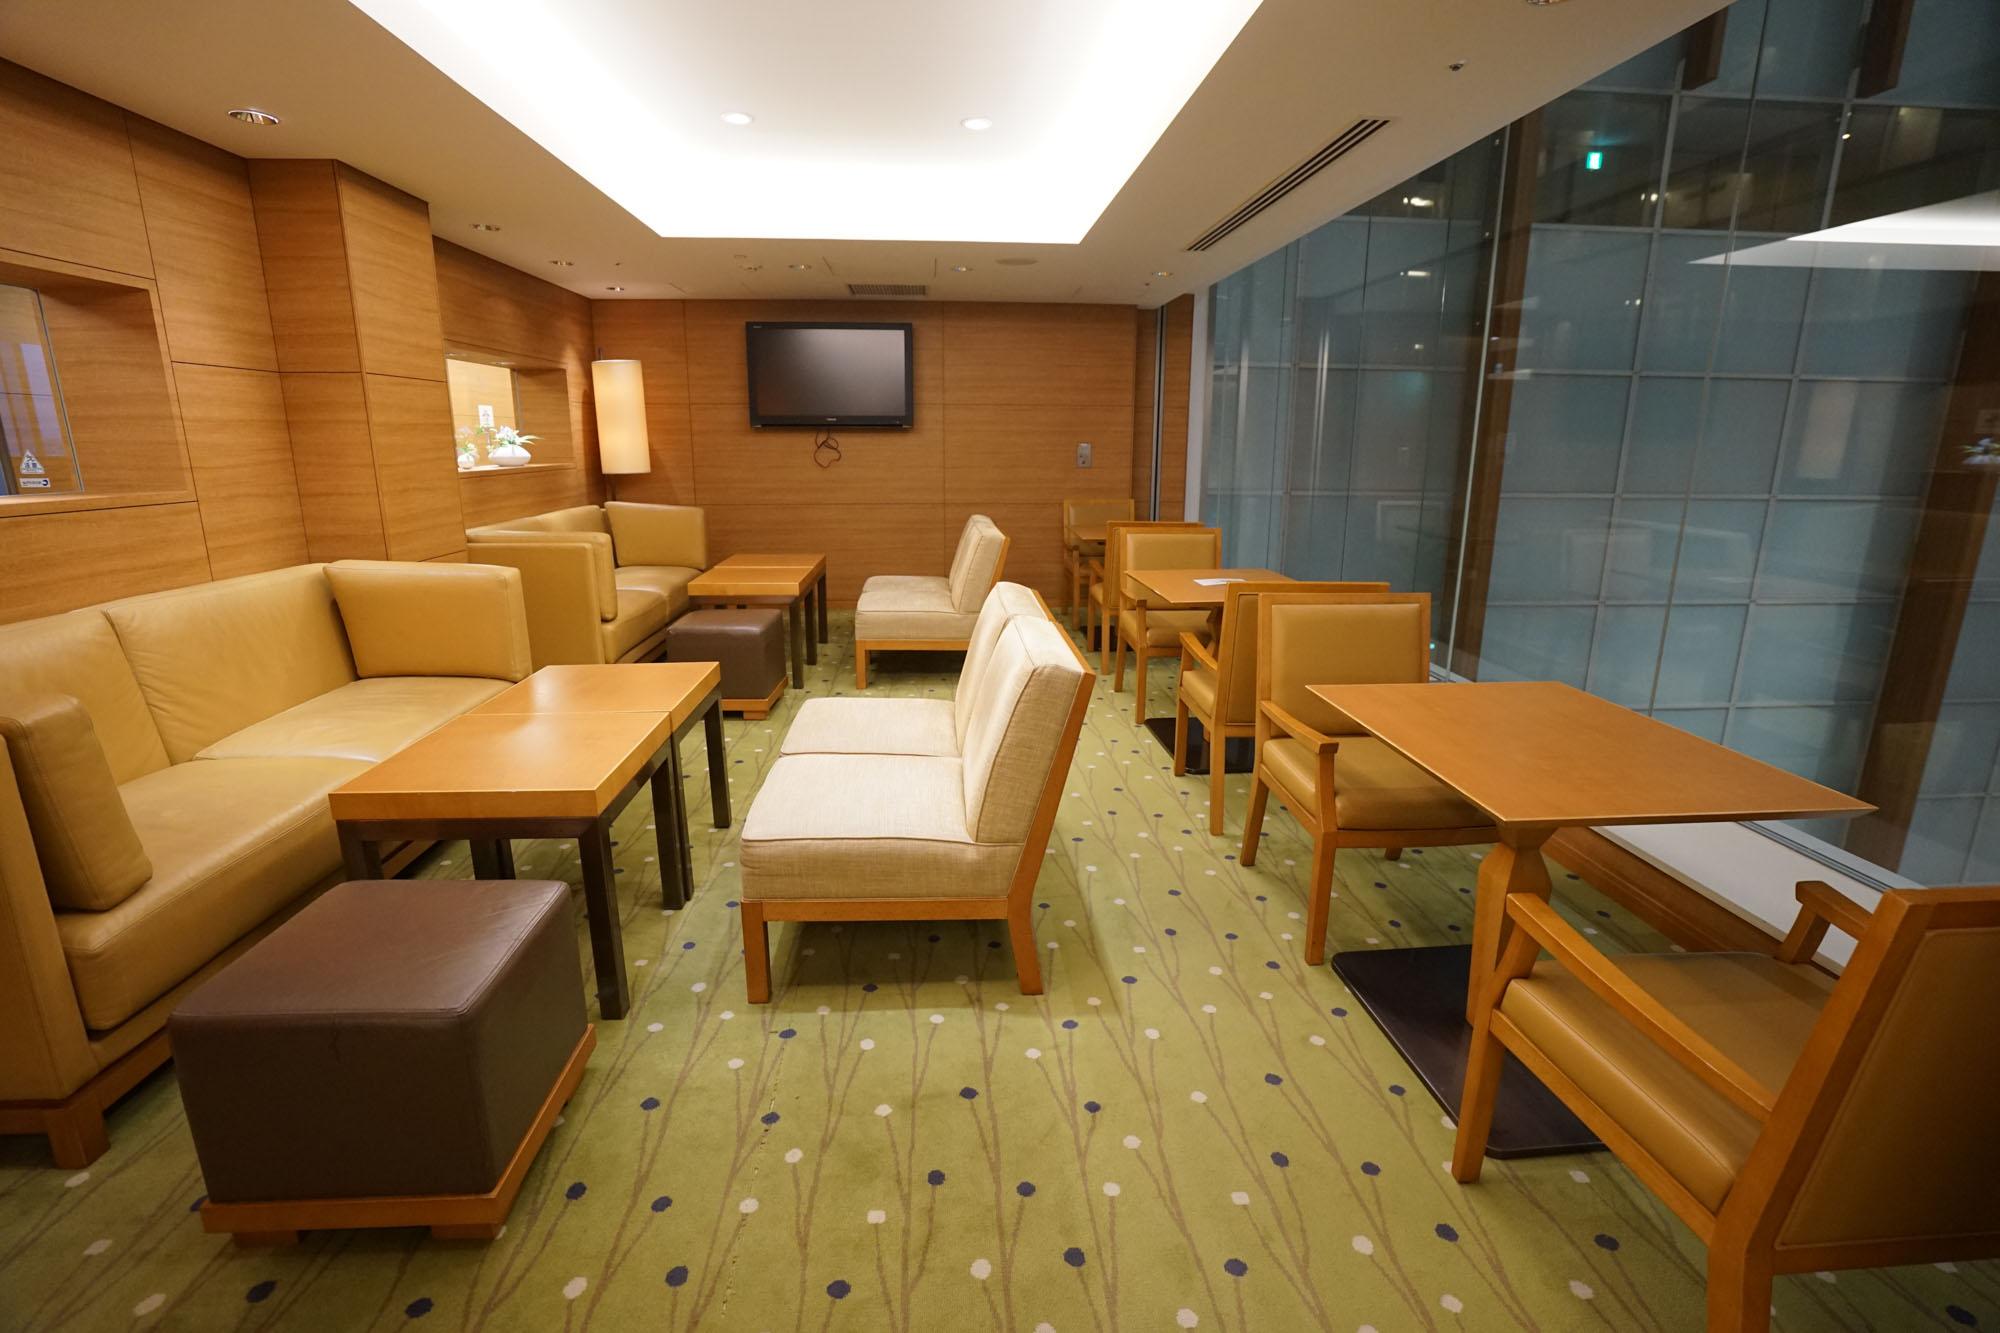 ソファ席など。かなり広々としていて様々な席が使えるので、客室内でのリモートワークに息詰まった時に便利に使えそうです。